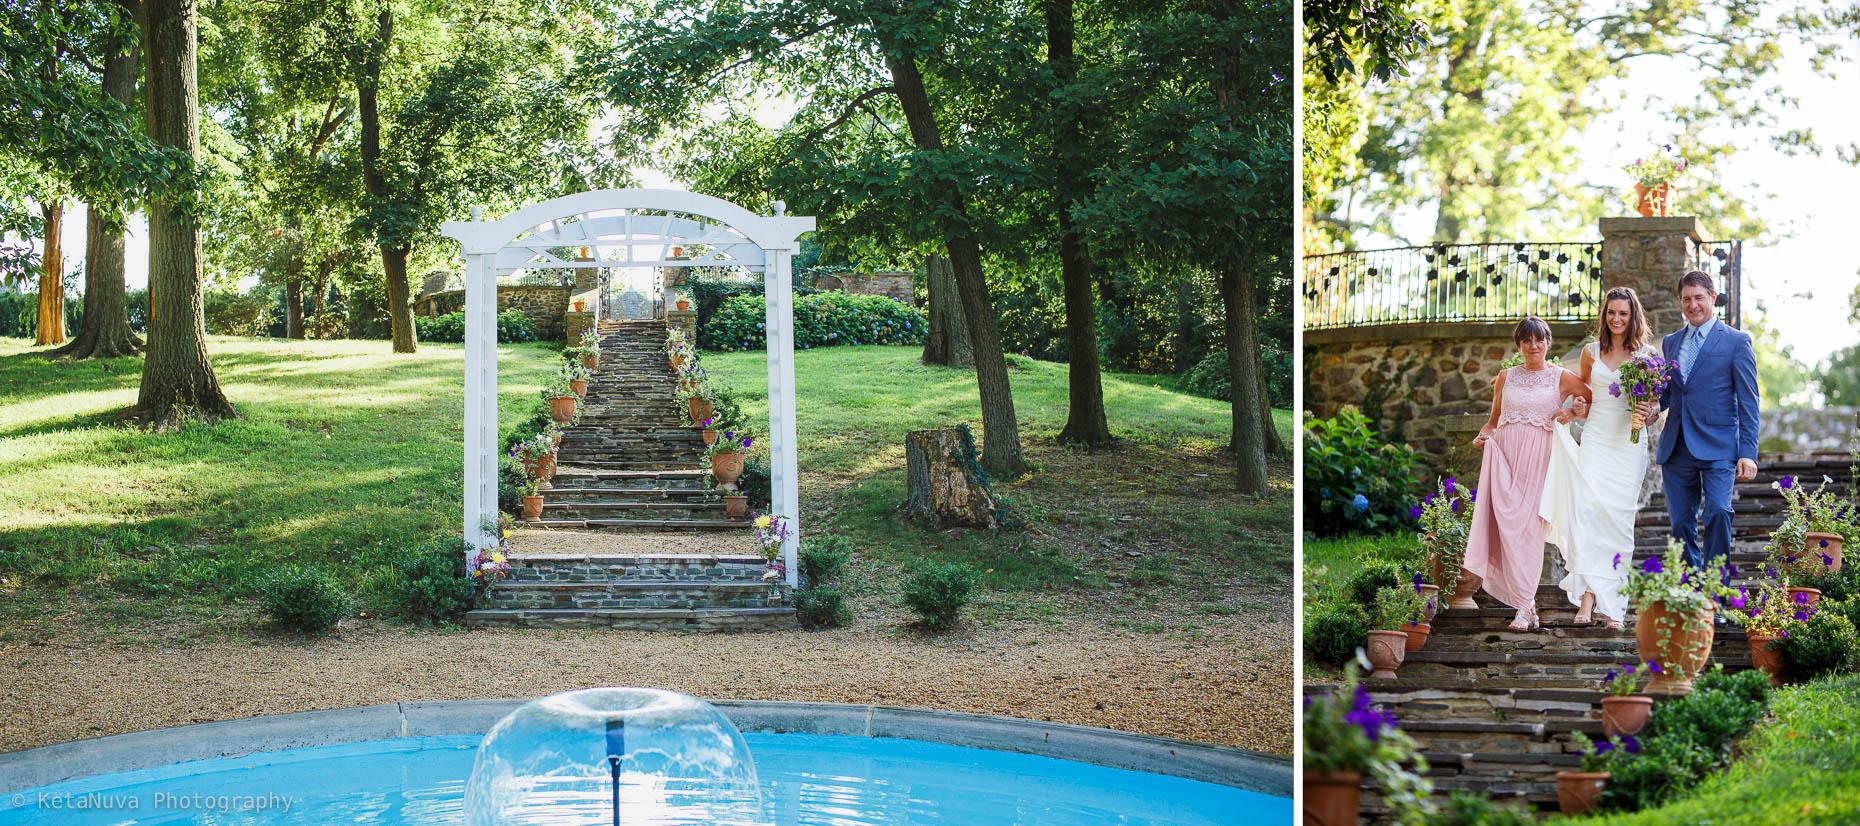 Sunken Garden - Lauxmont Farms Wedding | Aubrey & Barrett Lauxmont Farms Wedding Sunken Garden 015